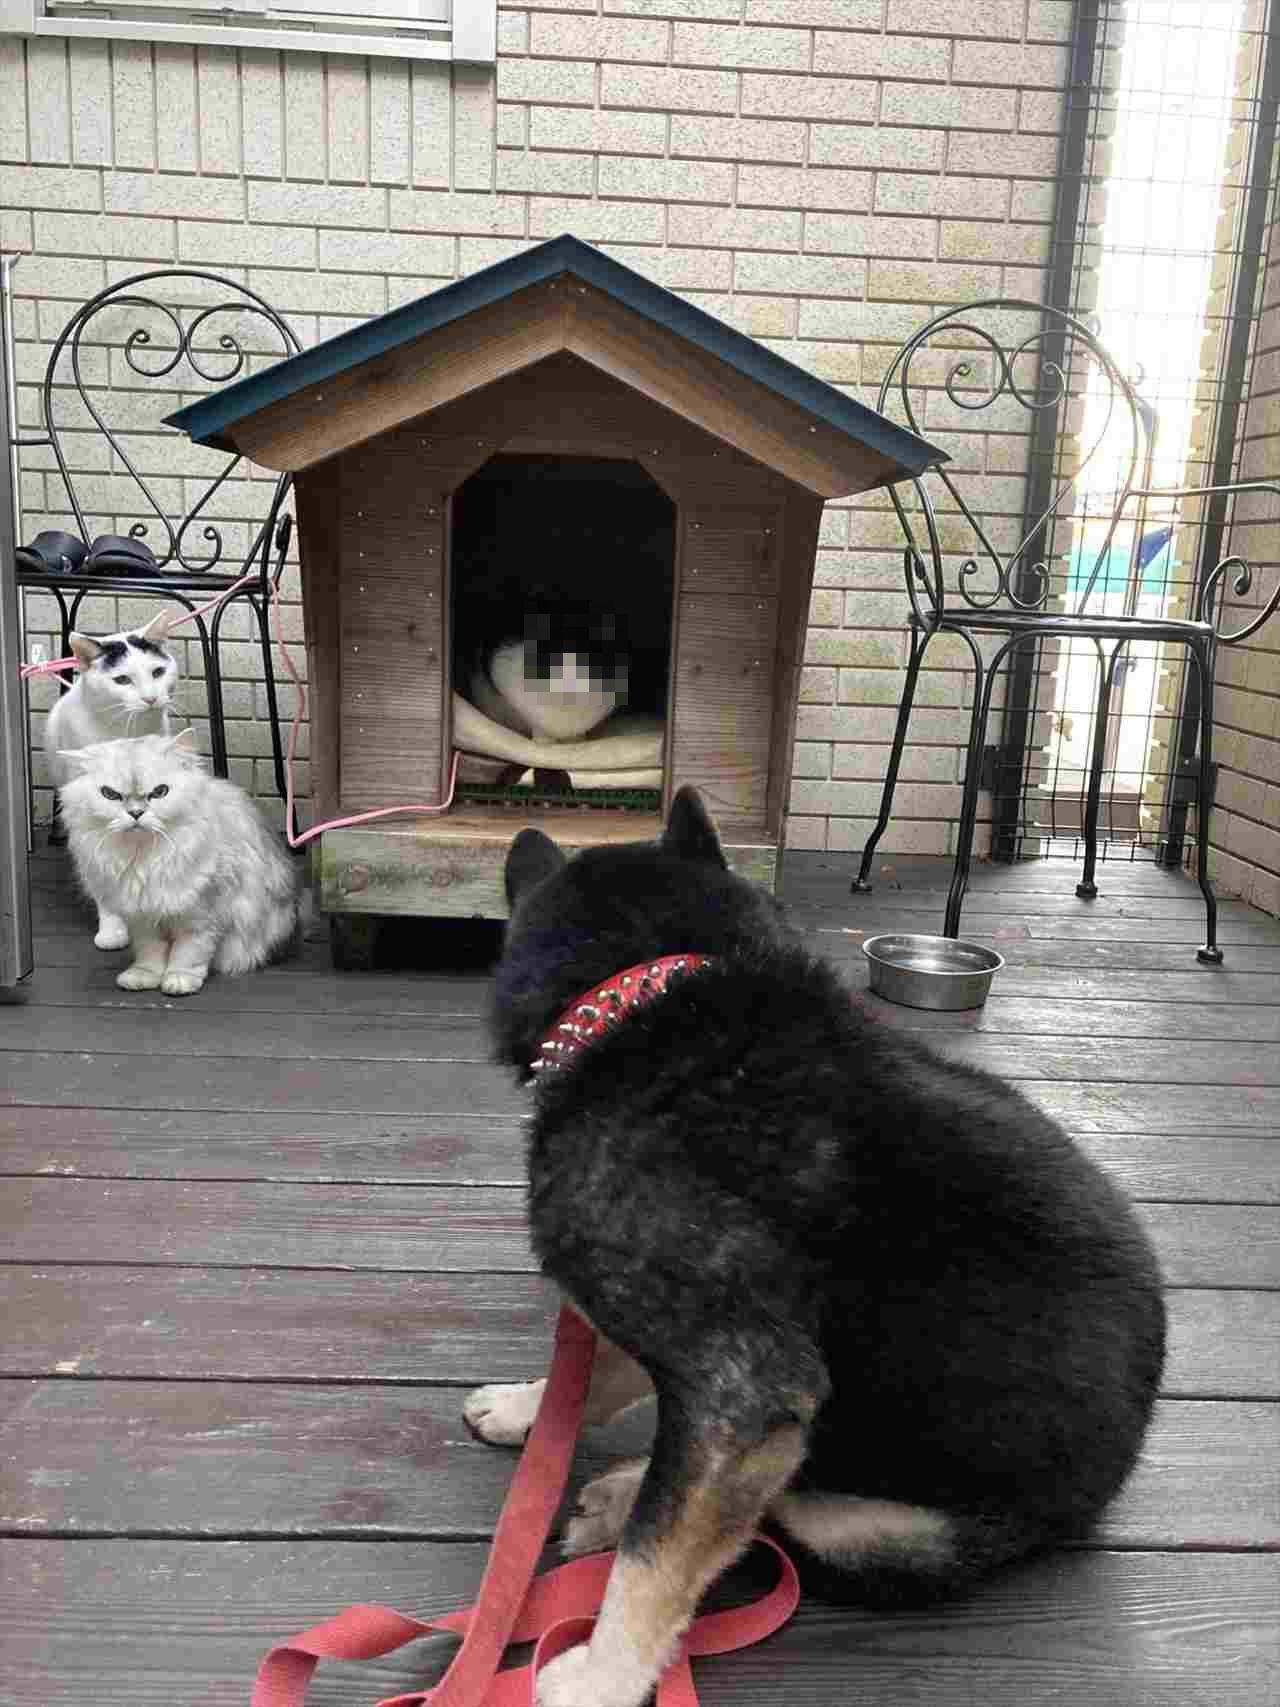 ニャンコたちの視線が怖すぎる・・・(笑) 犬小屋を乗っ取られることに慣れてしまったワンコが話題に!